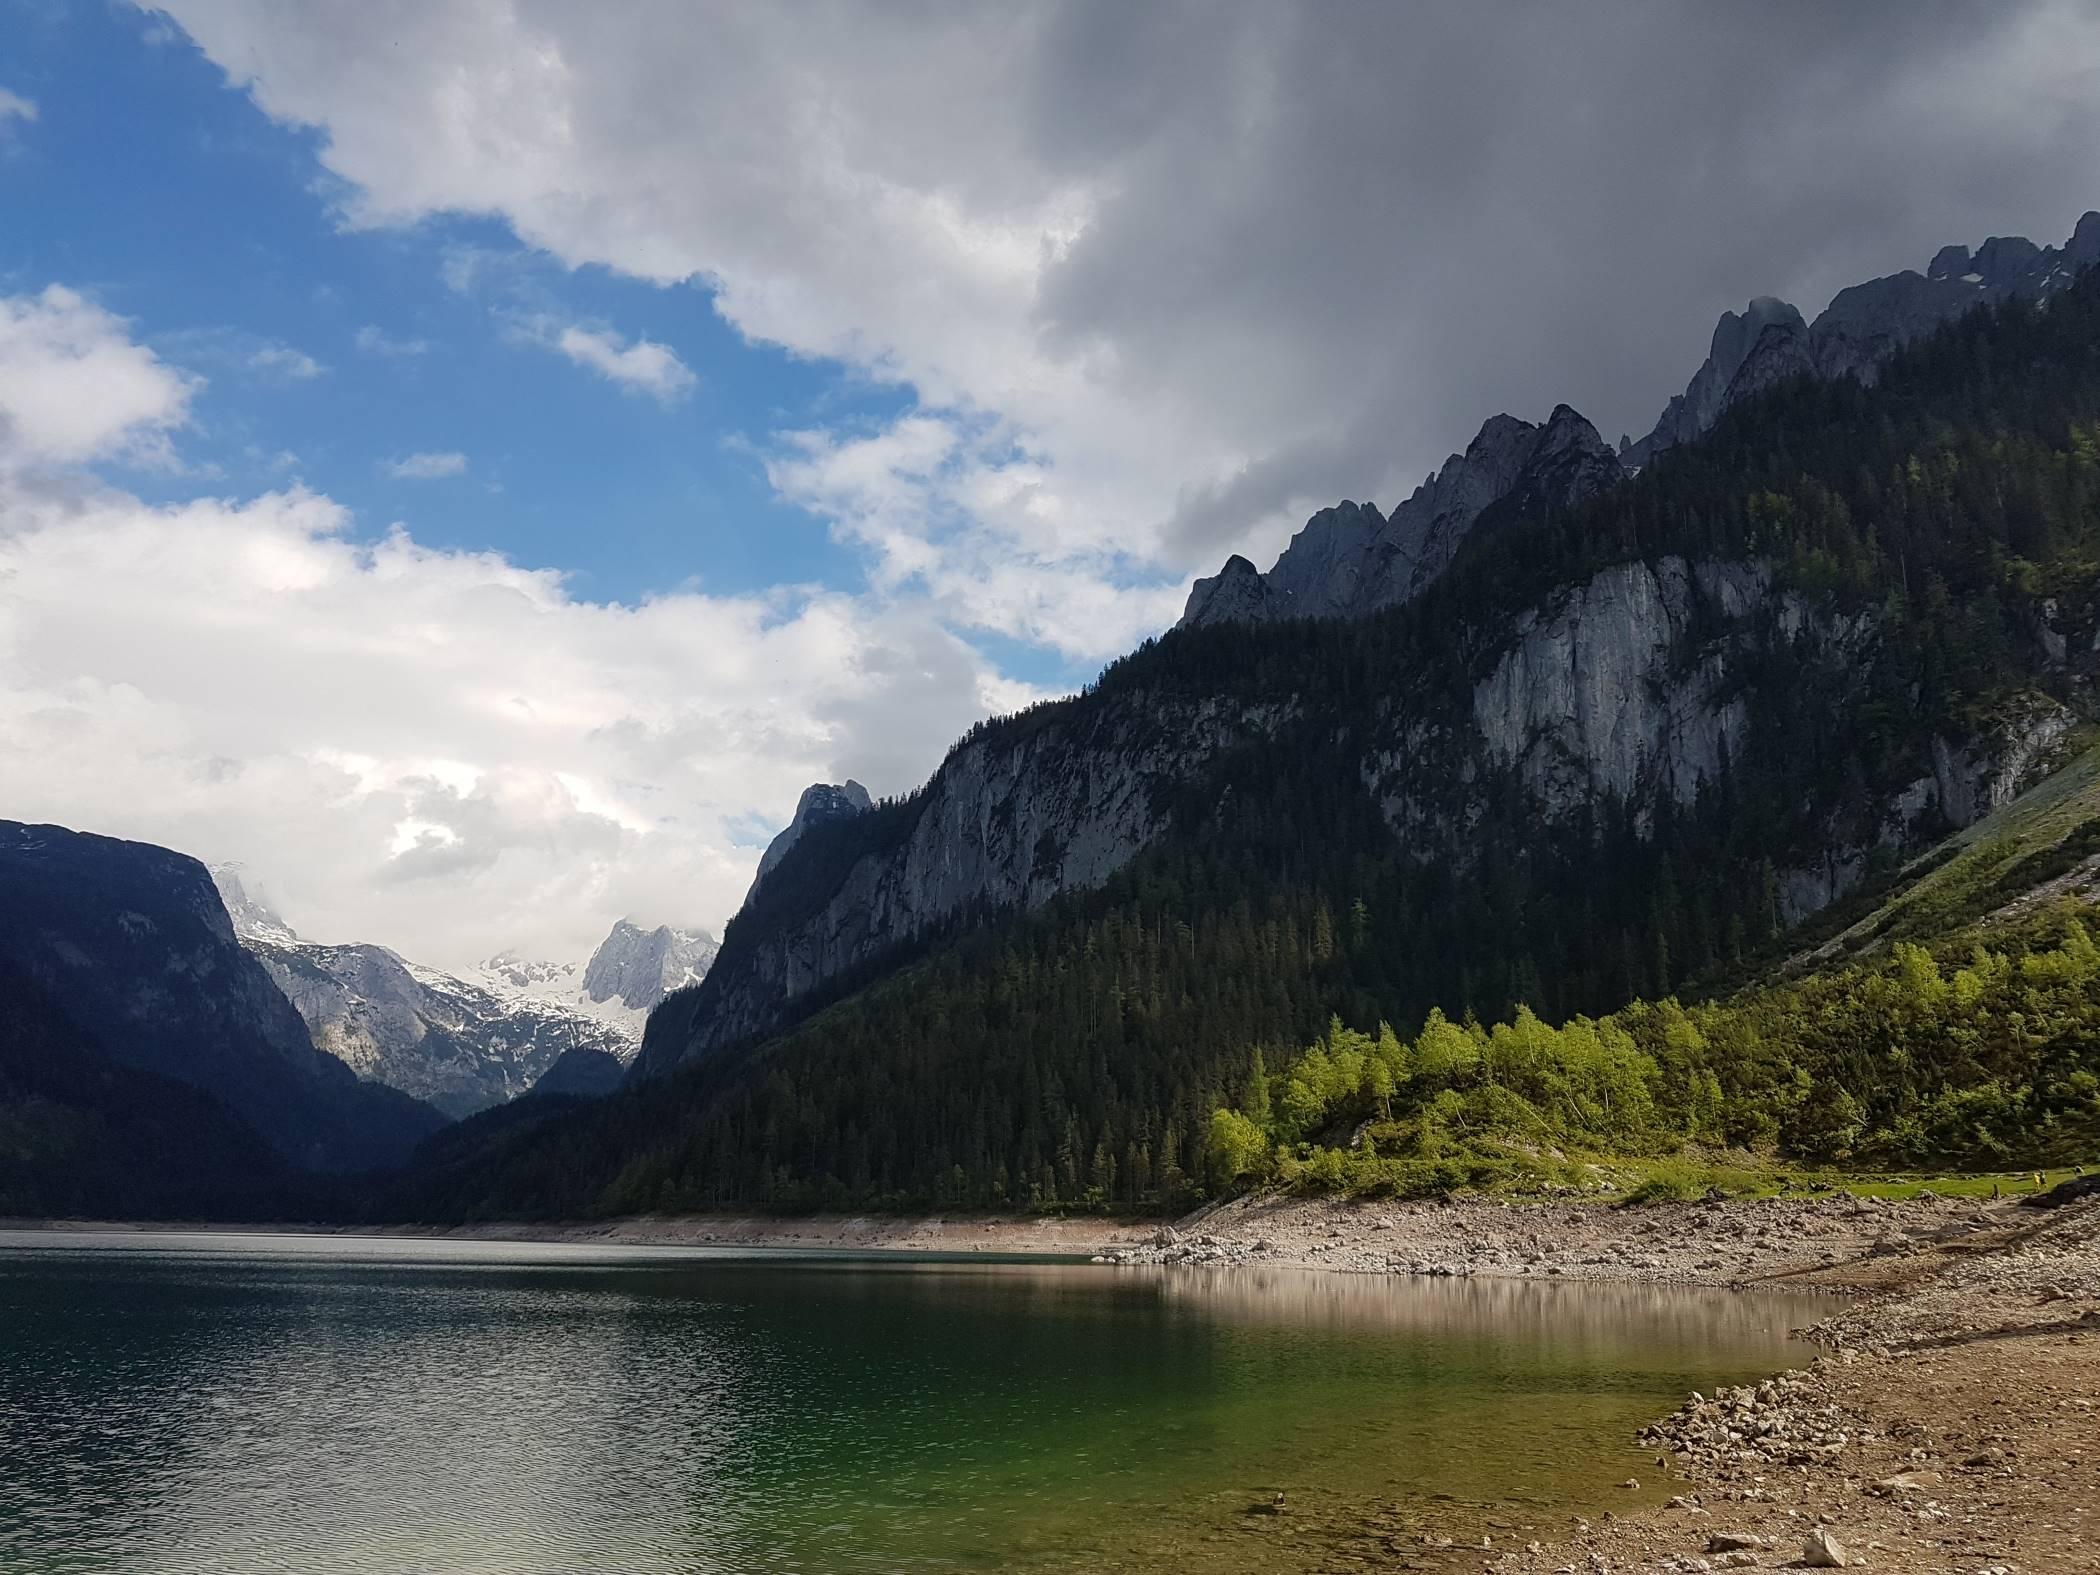 Как мы ехали в Гальштат, но открыли для себя ледниковое озеро и самую высокую гору Верхней Австрии